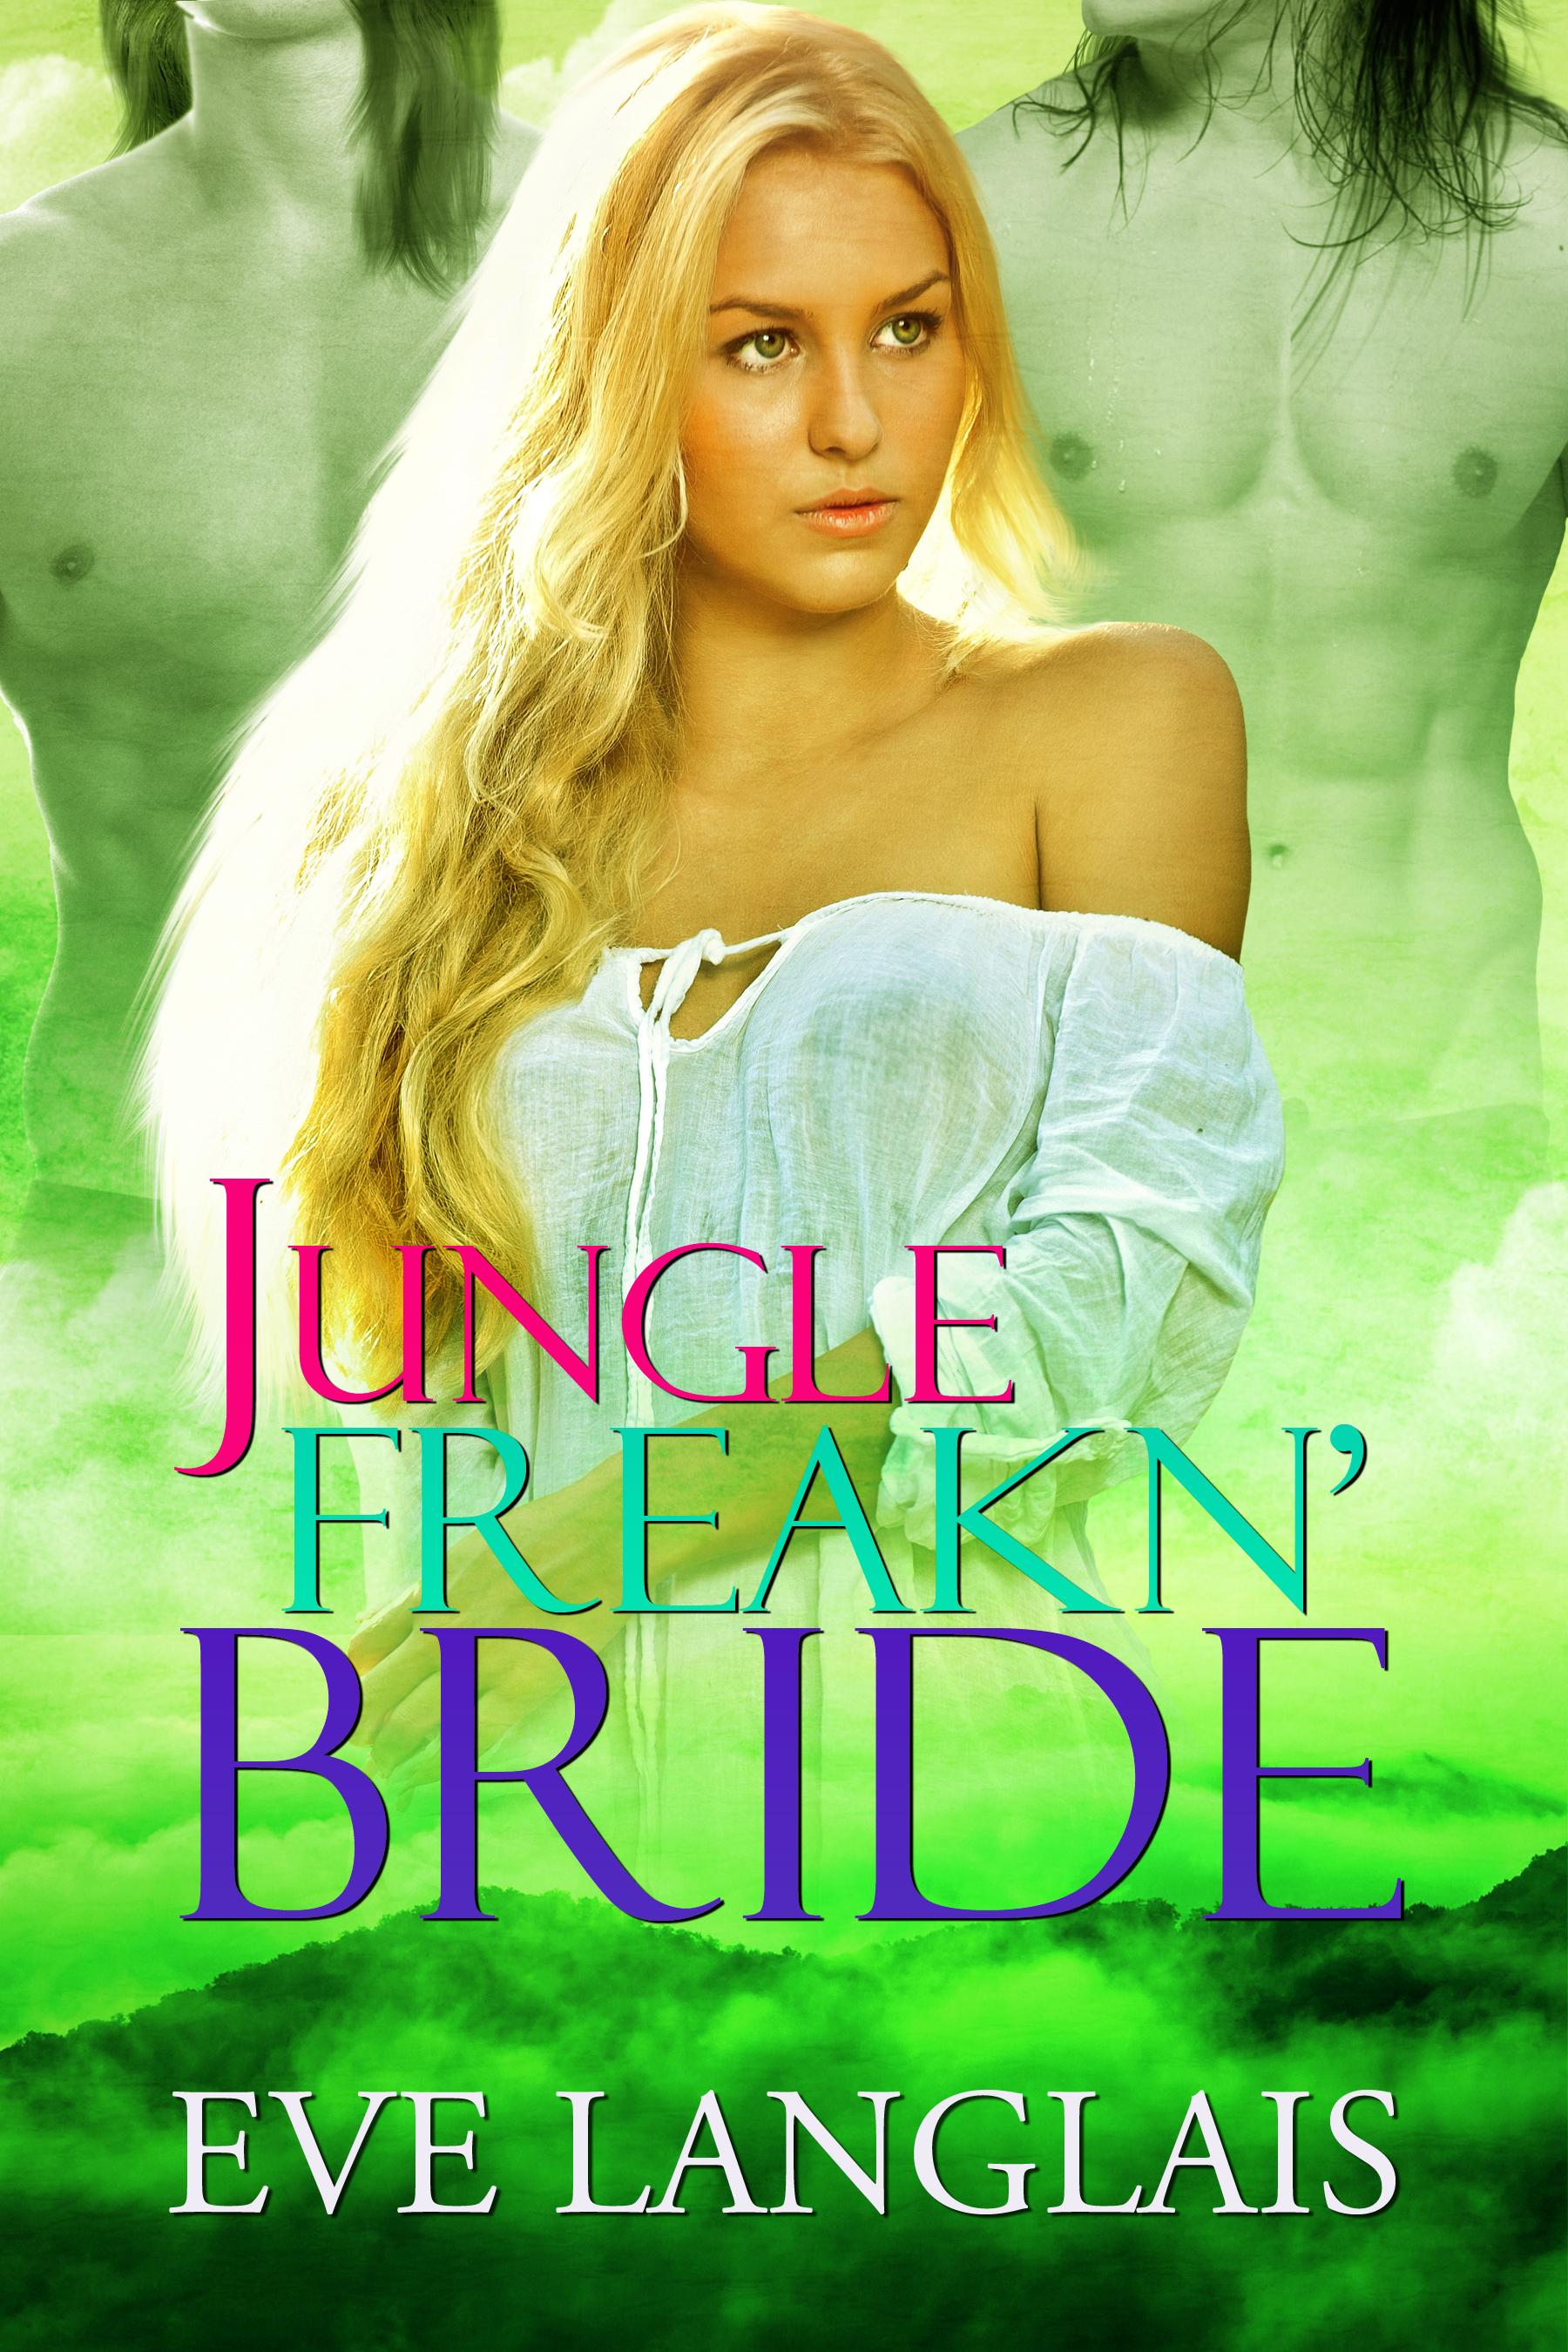 Eve Langlais - Jungle Freakn' Bride (MFM)